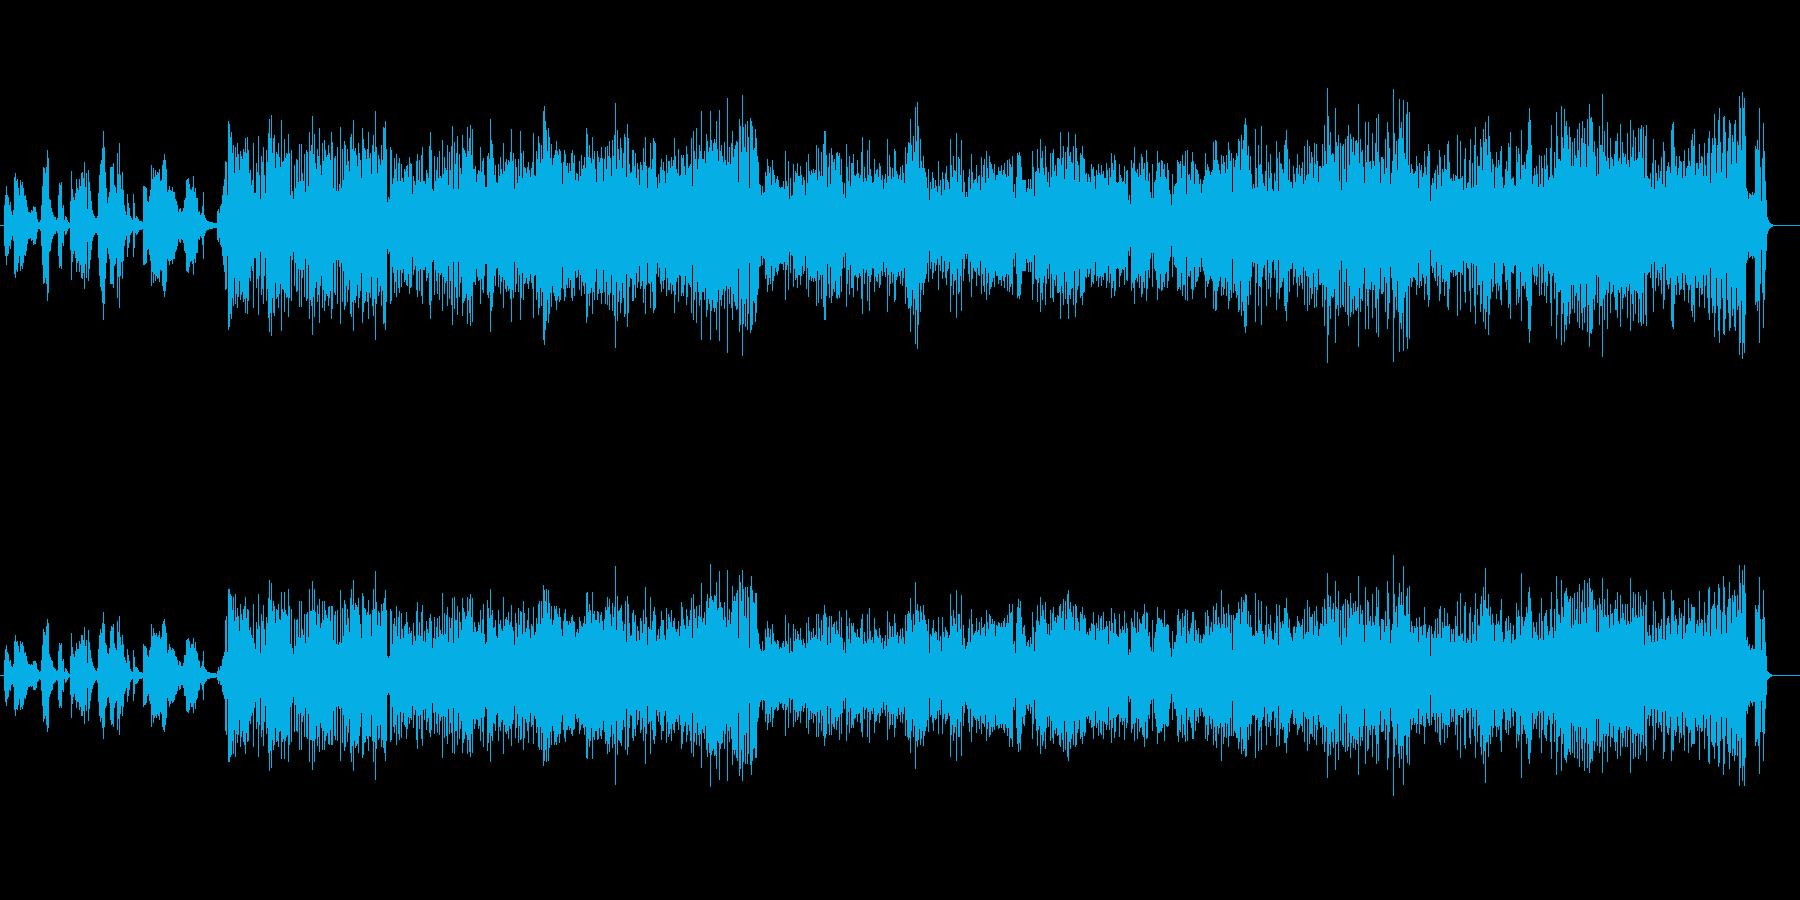 楽しくてわくわくするビッグバンドジャズの再生済みの波形